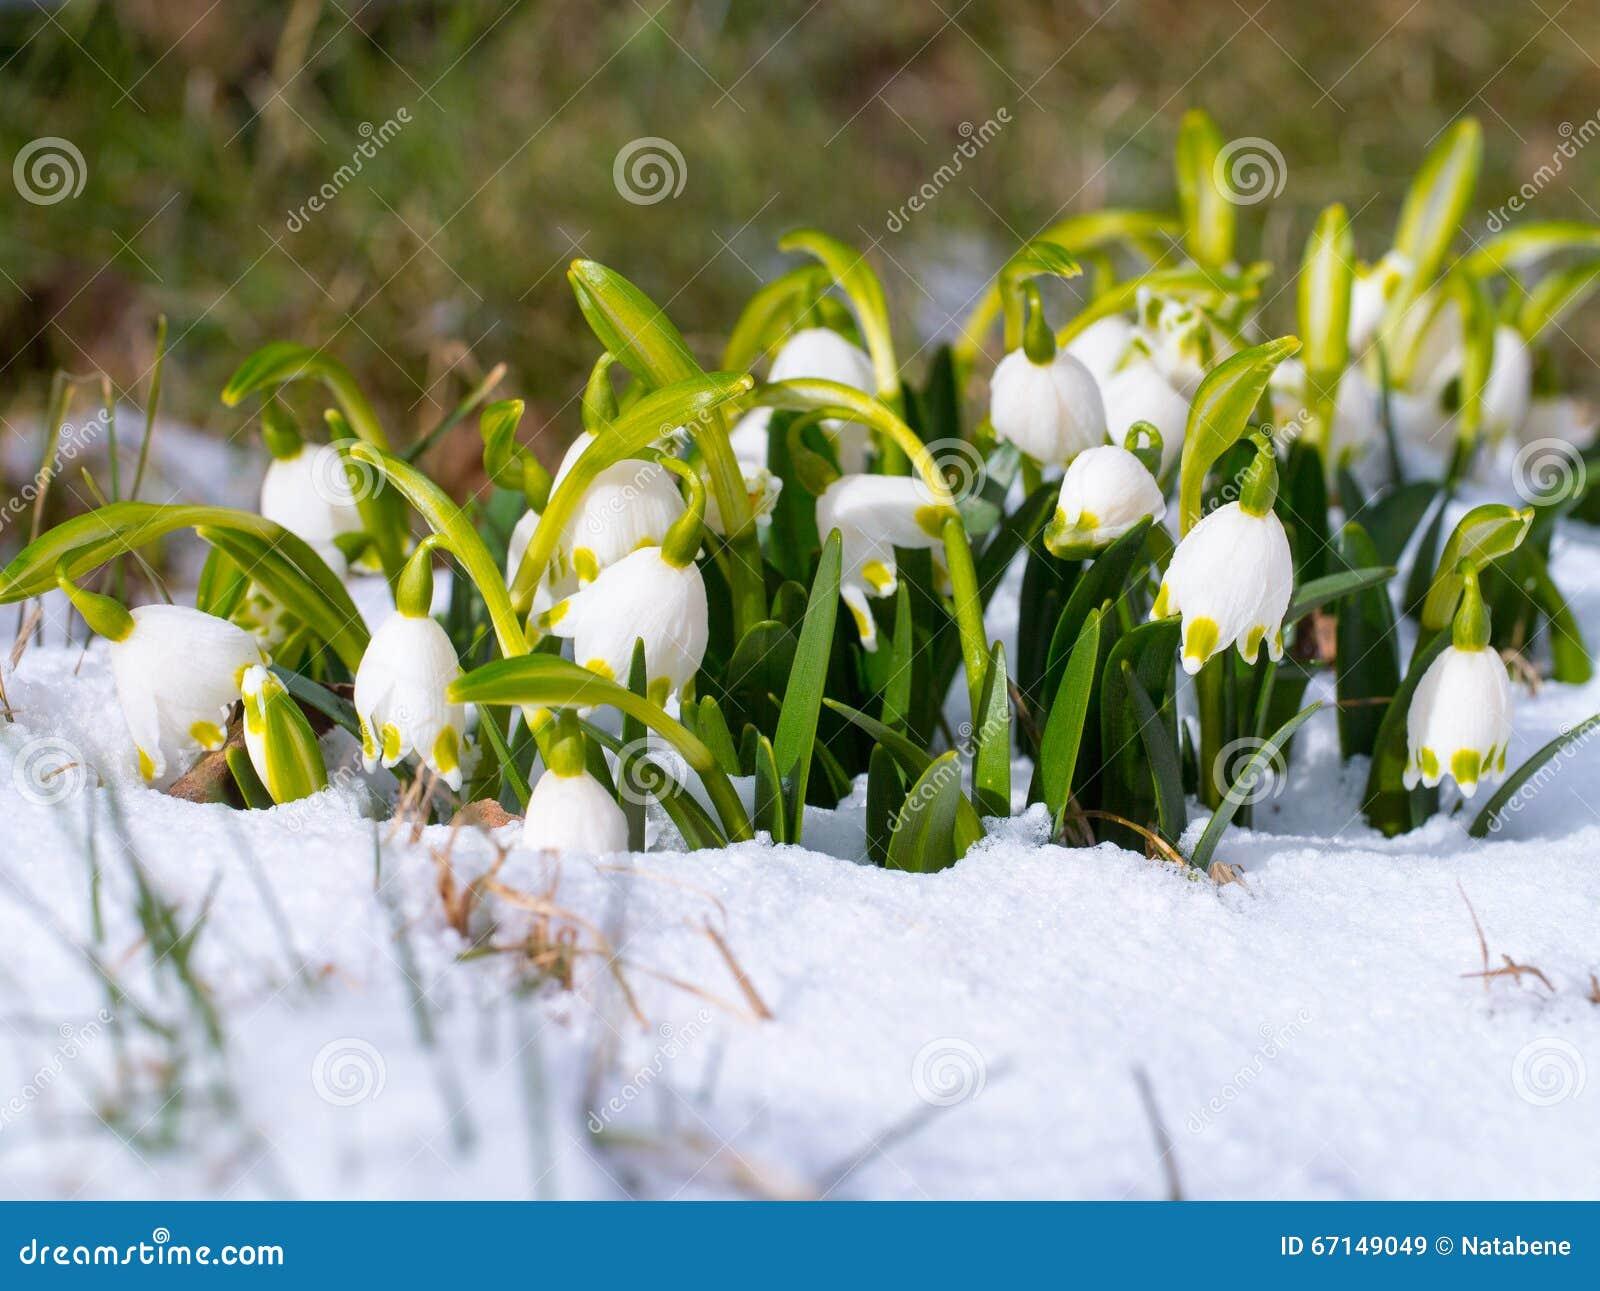 Perce neige avec la fleur renaissance de fleur de ressort - Ren des neige ...